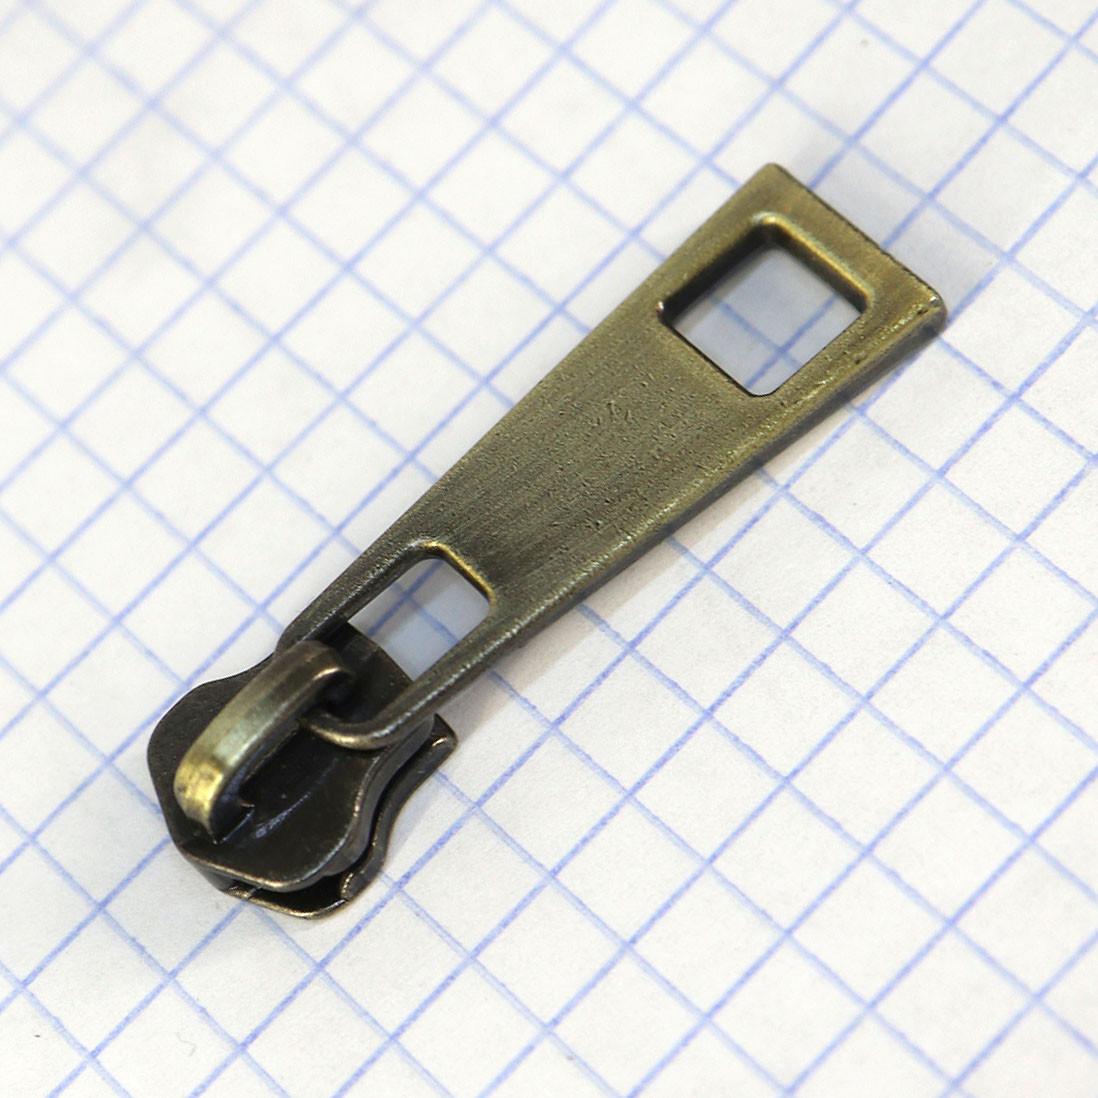 Бегунок на 5 металл молнию антик с пуллером a3107 (10 шт.)